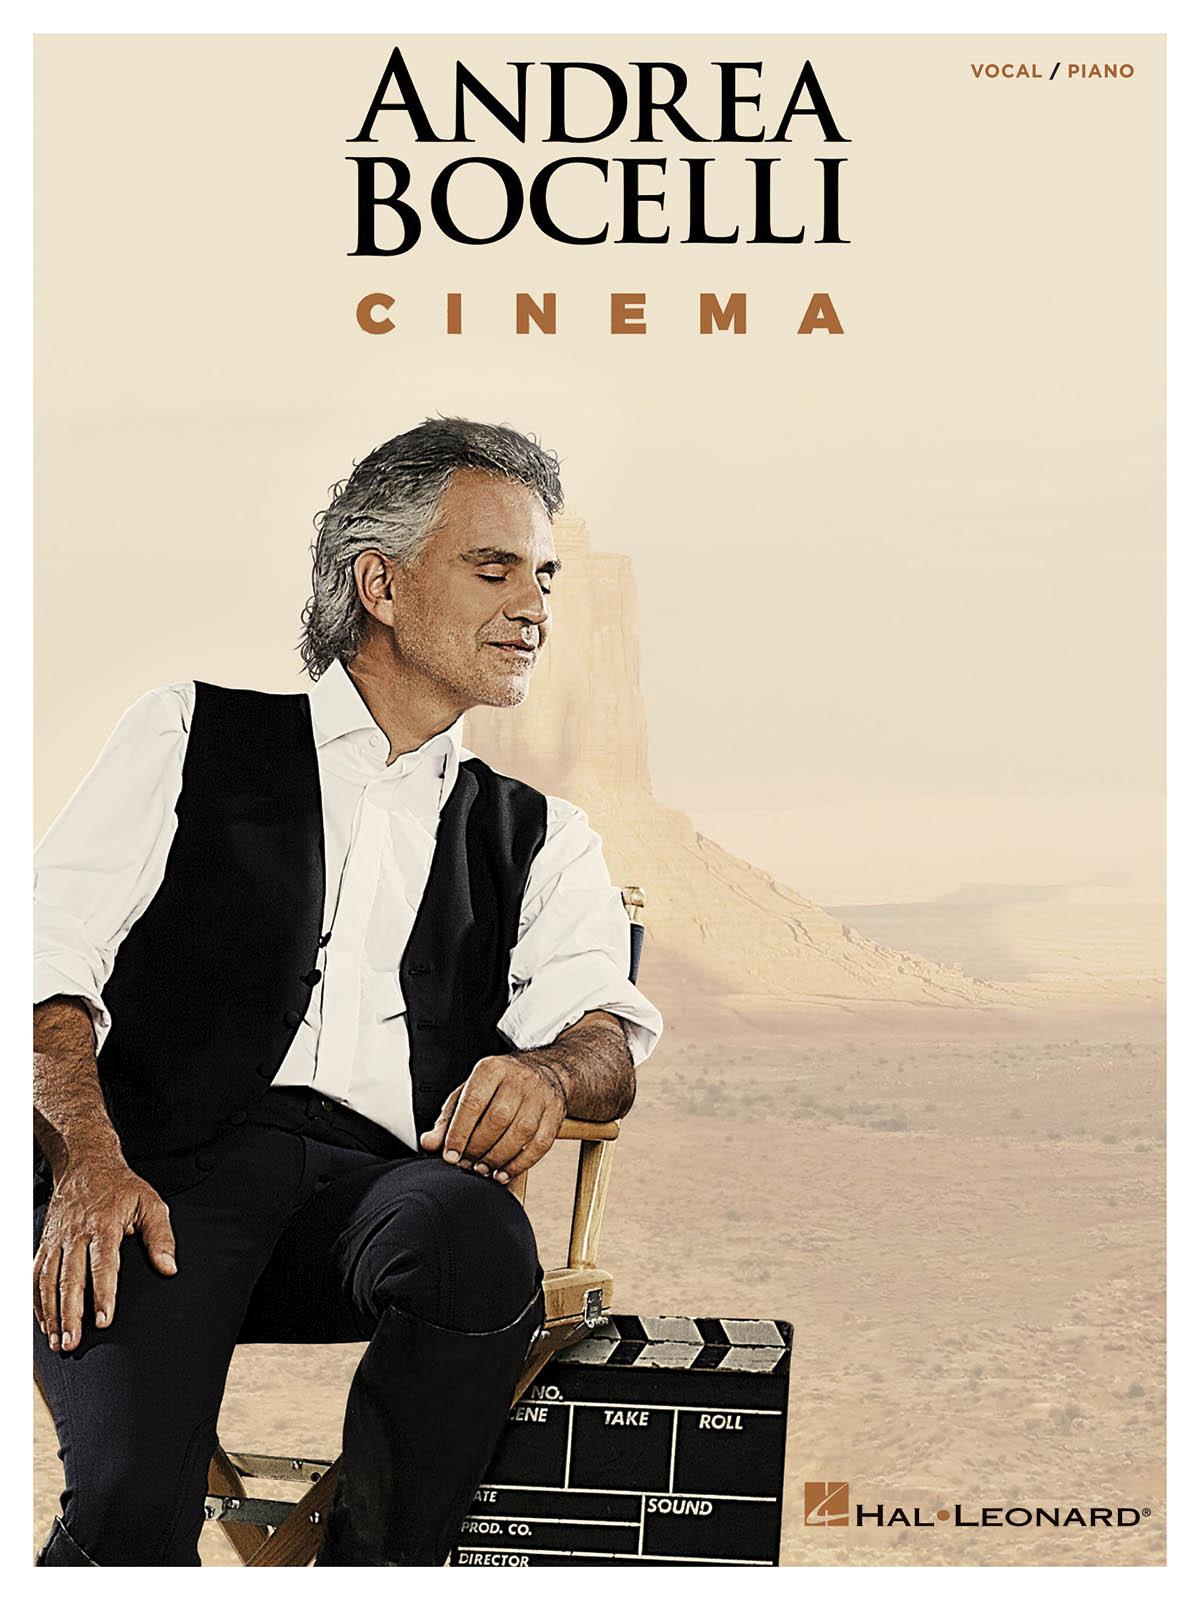 Andrea Bocelli: Andrea Bocelli – Cinema: Vocal and Piano: Mixed Songbook